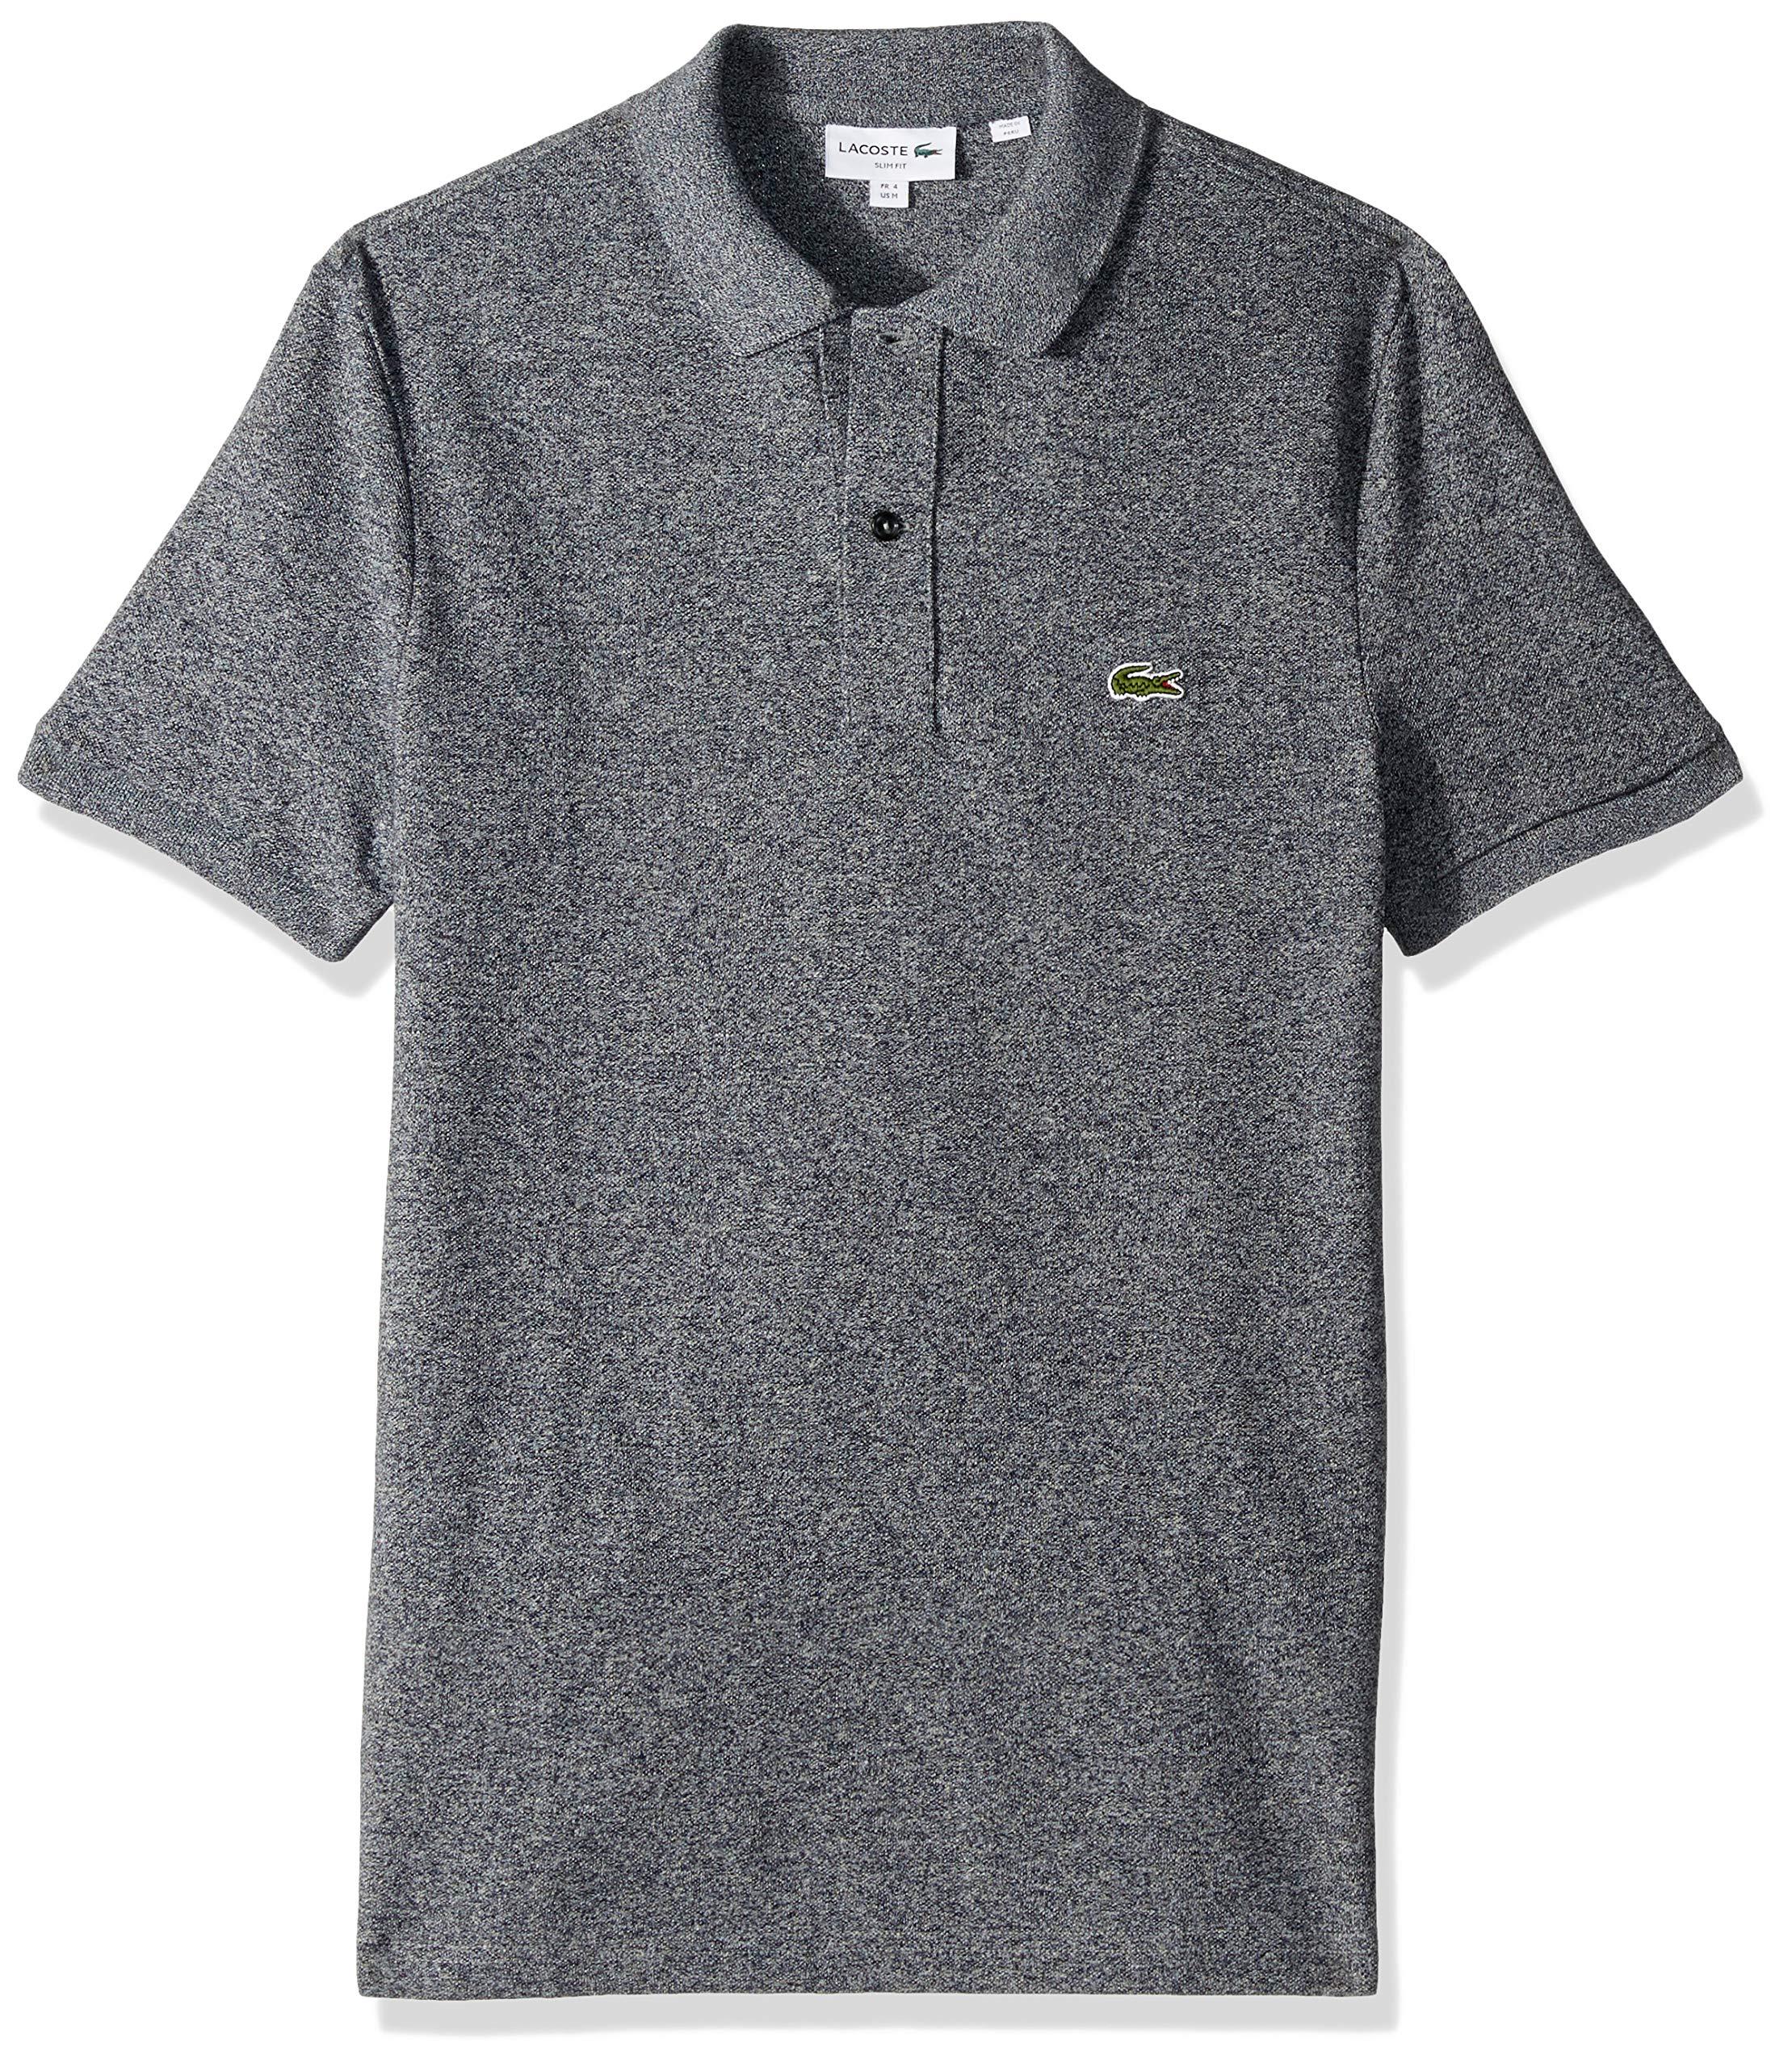 Lacoste Men's Short Sleeve Classic Pique Slim Fit Polo Shirt, bleu Marine Moline, XXX-Large